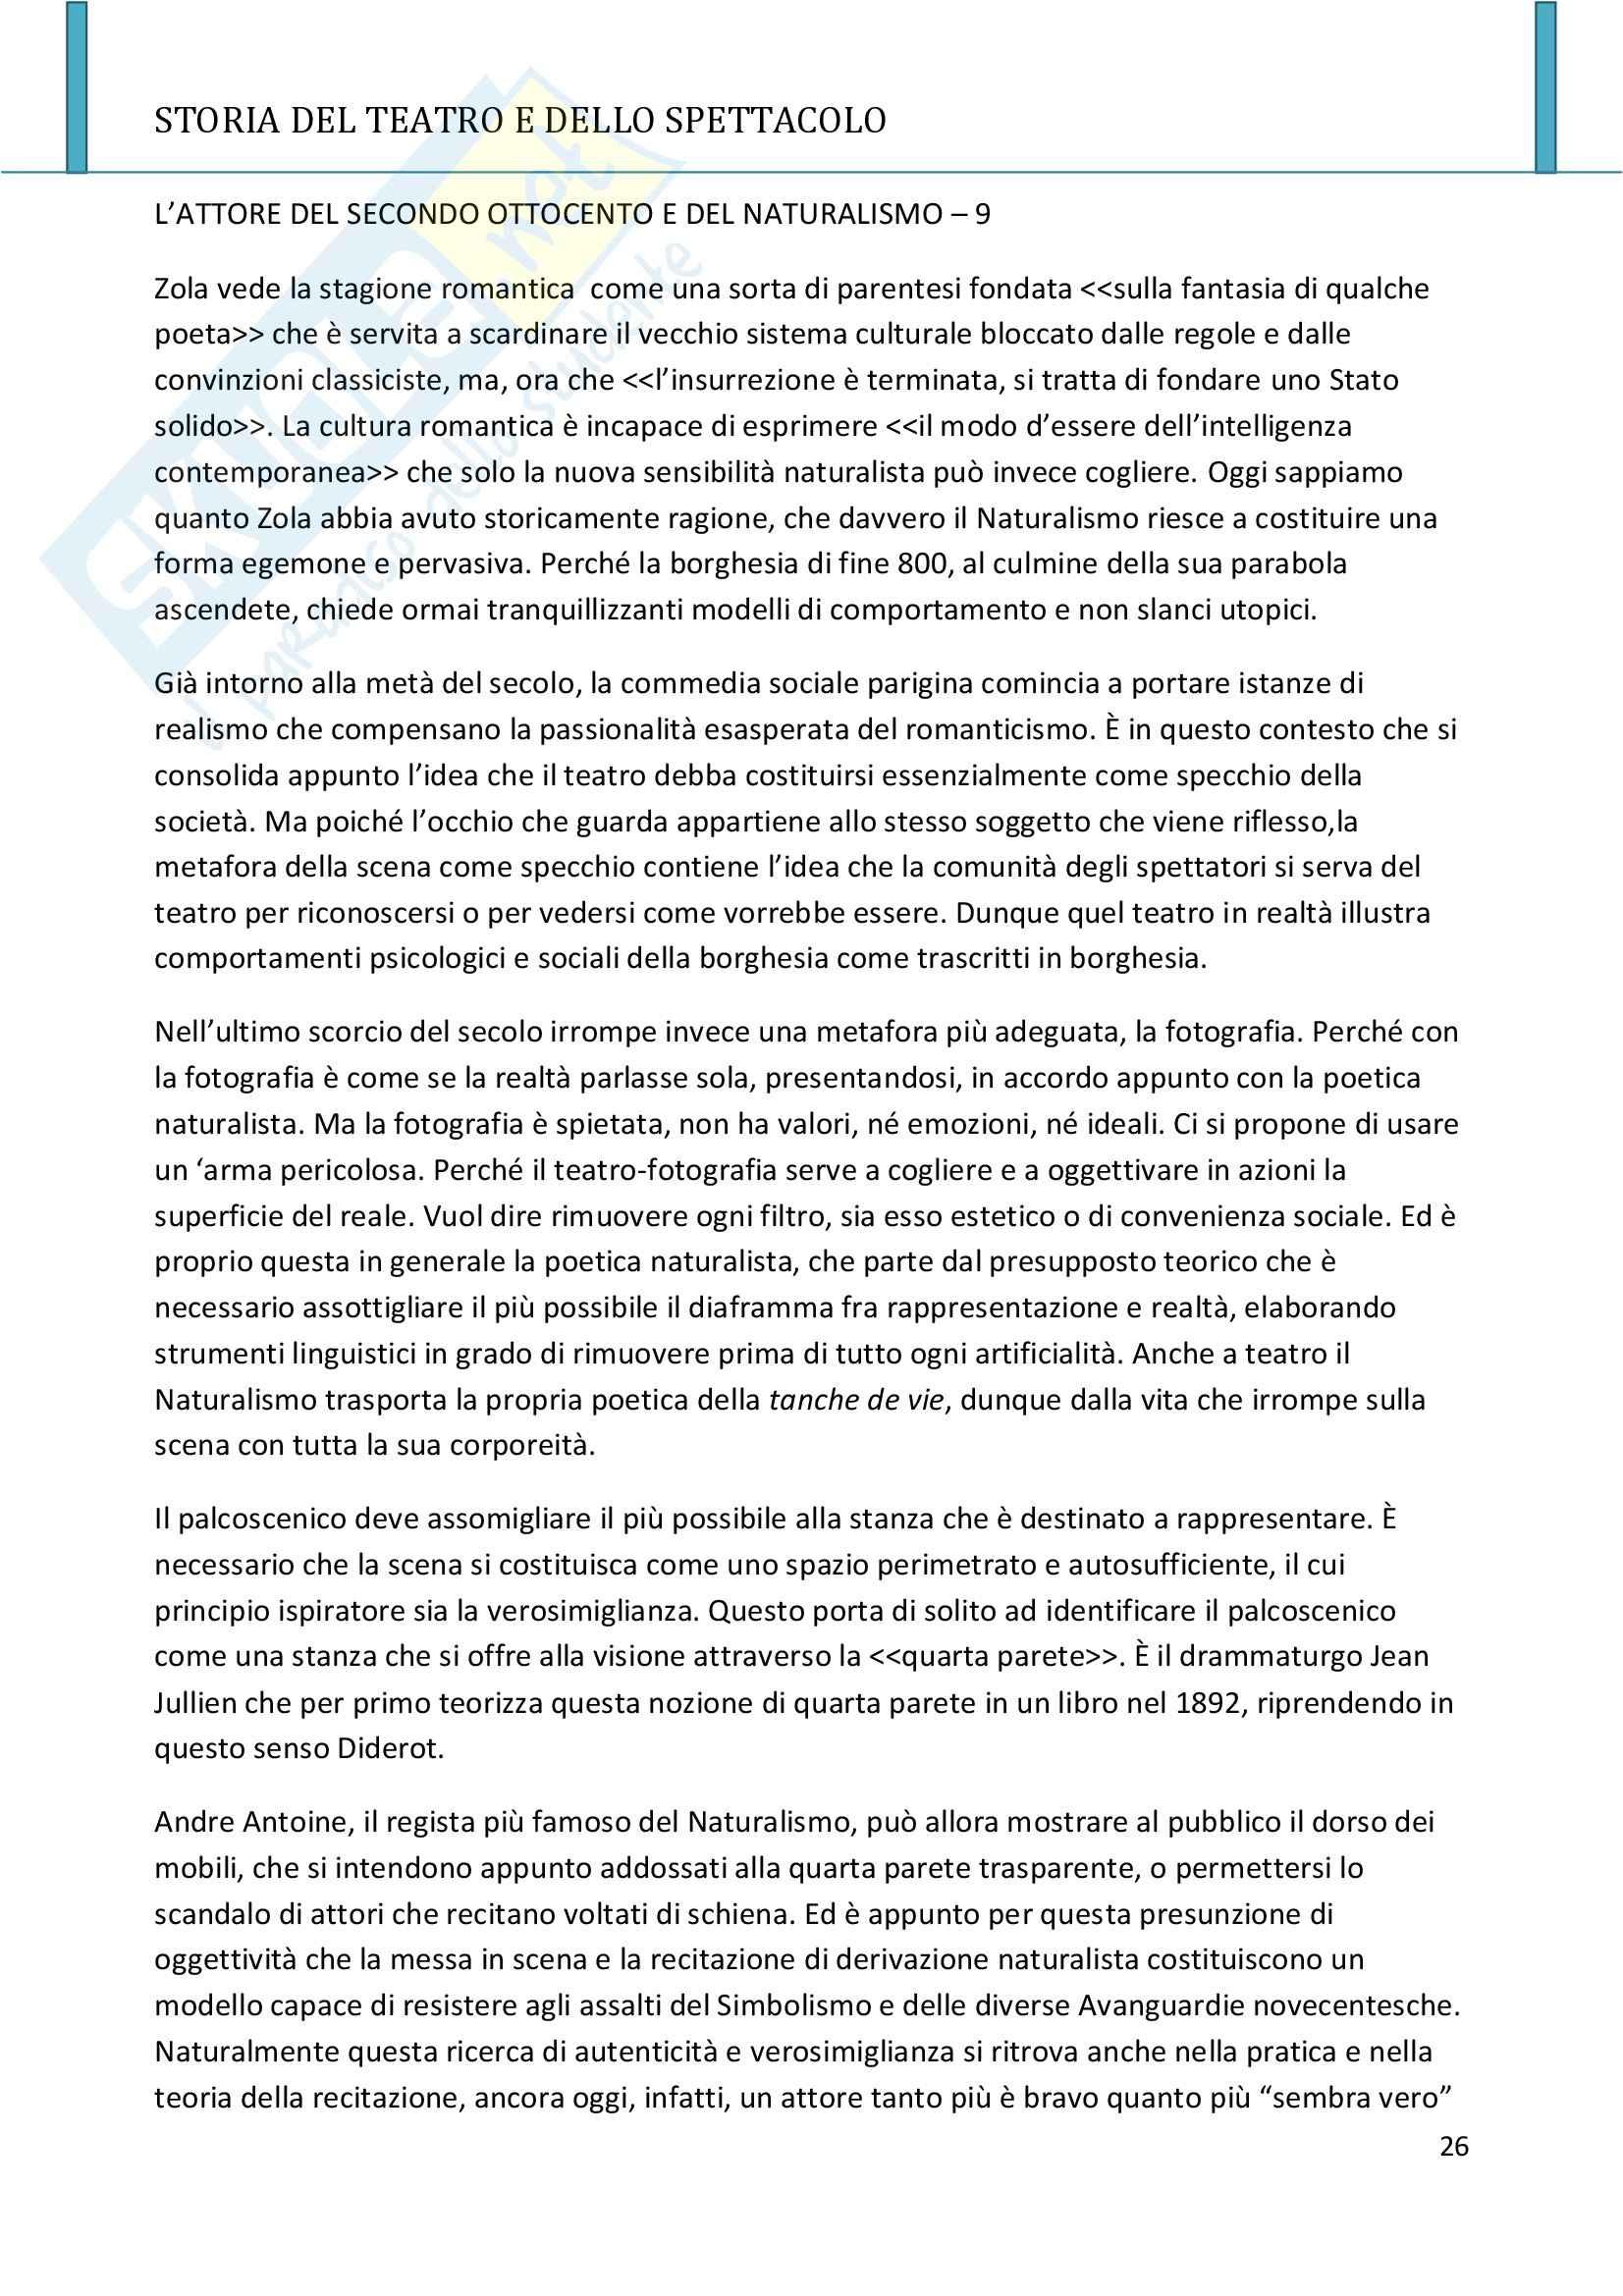 Riassunto esame Storia del teatro e dello spettacolo, prof. Allegri, libro consigliato L'arte e il mestiere, Luigi Allegri Pag. 26